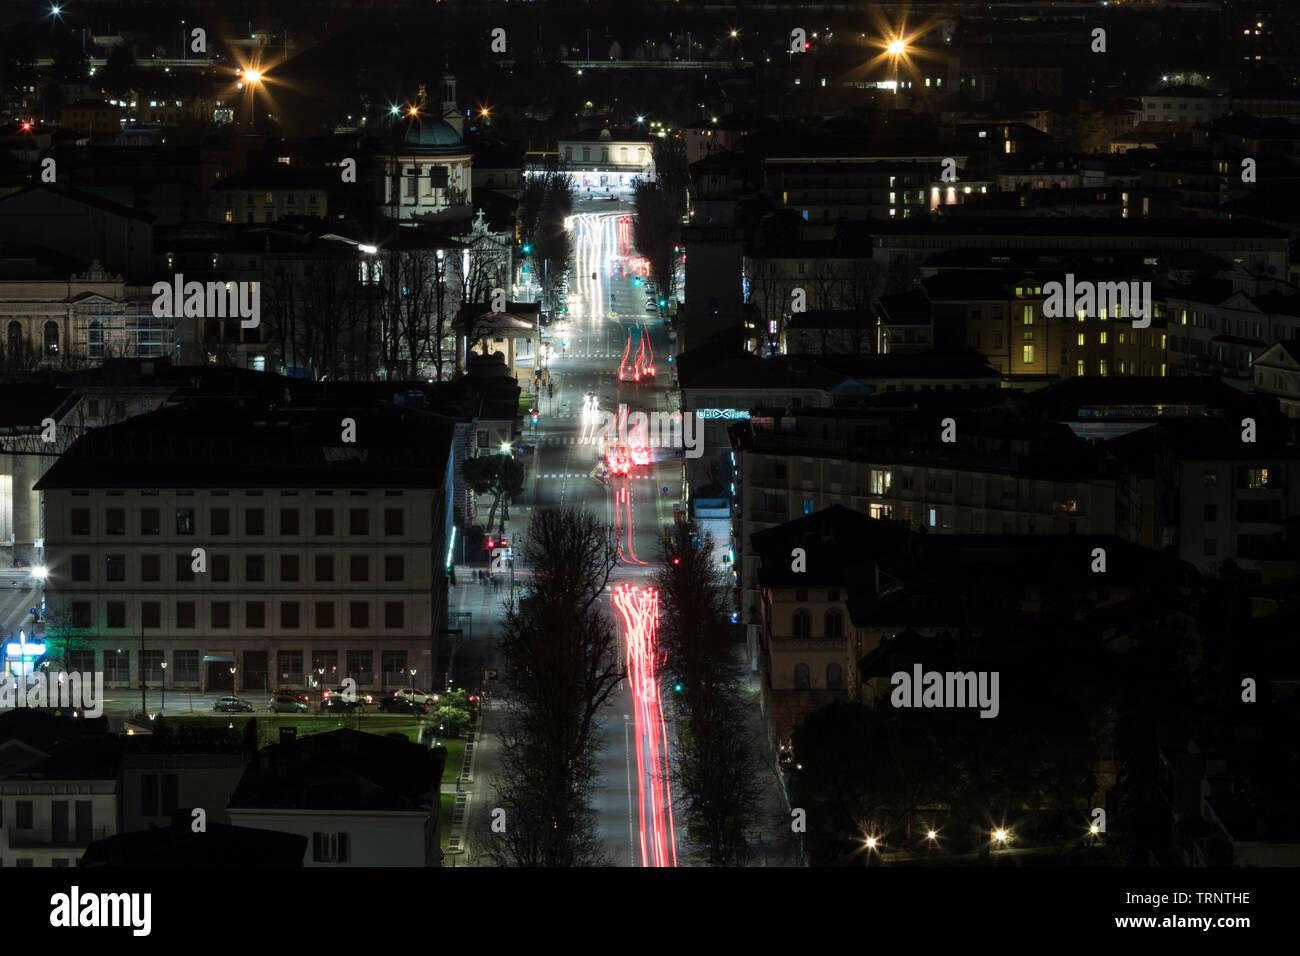 Cityscape of Bergamo, Lombardy, 14 march 2019, bergamo night view seen from Città alta walls. - Stock Image